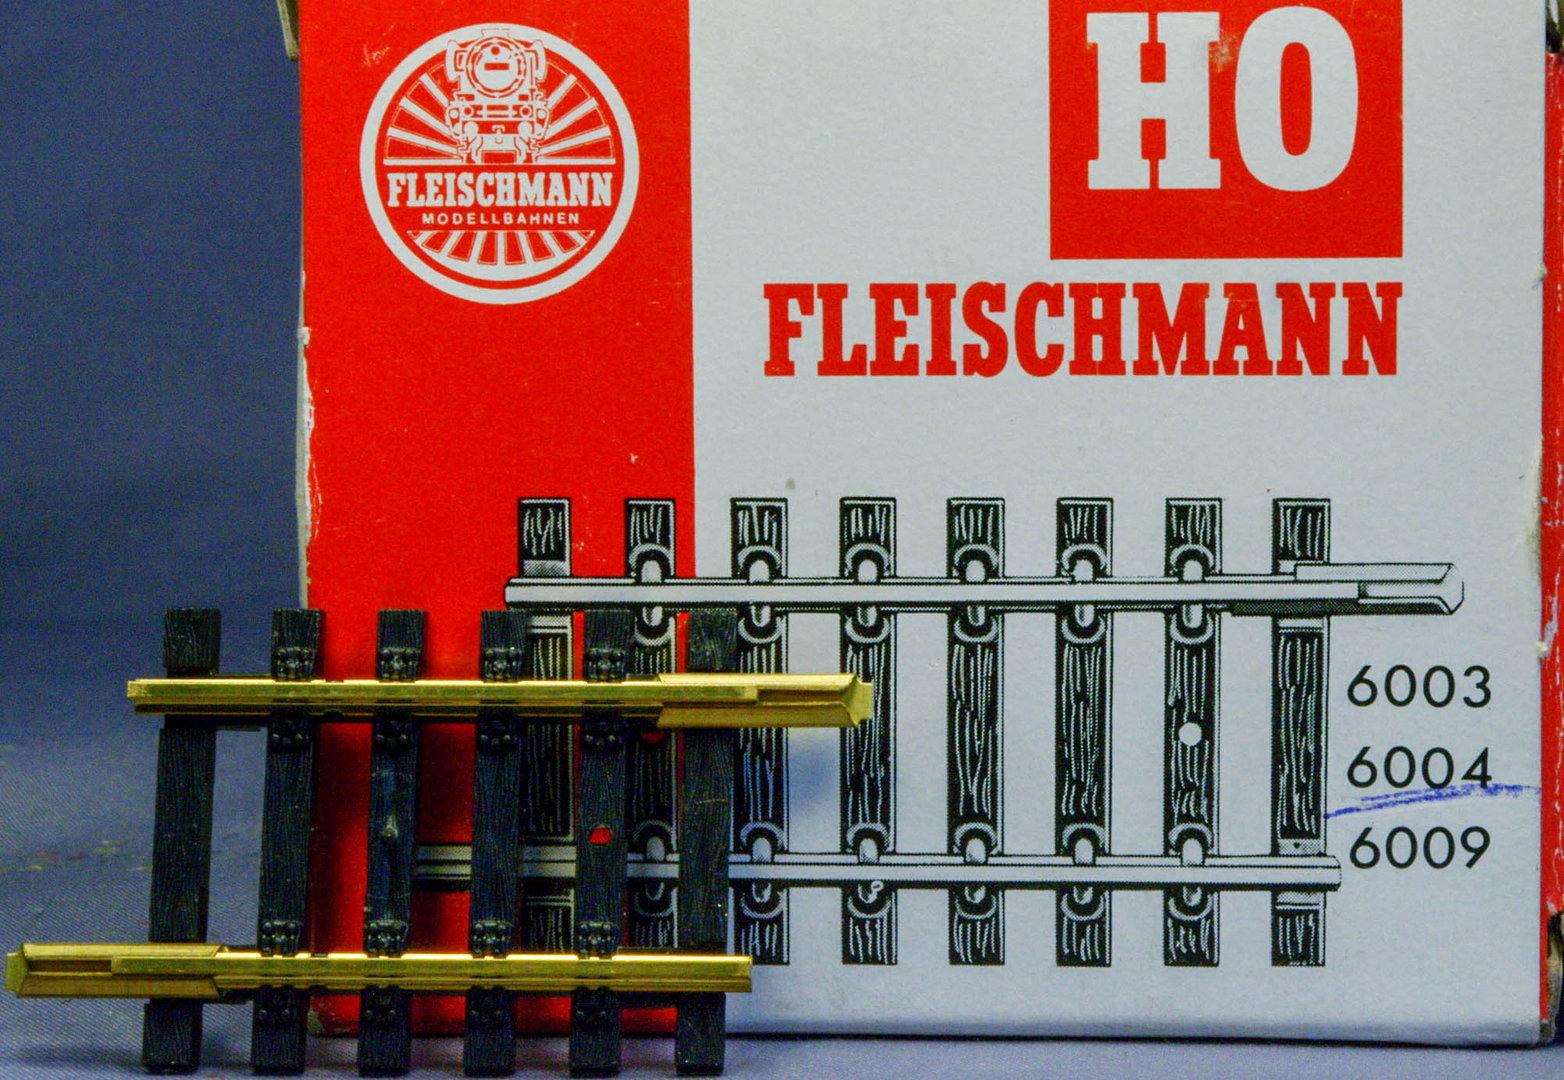 Fleischmann H0 6004 Modellgleis gerades Gleis 40 mm